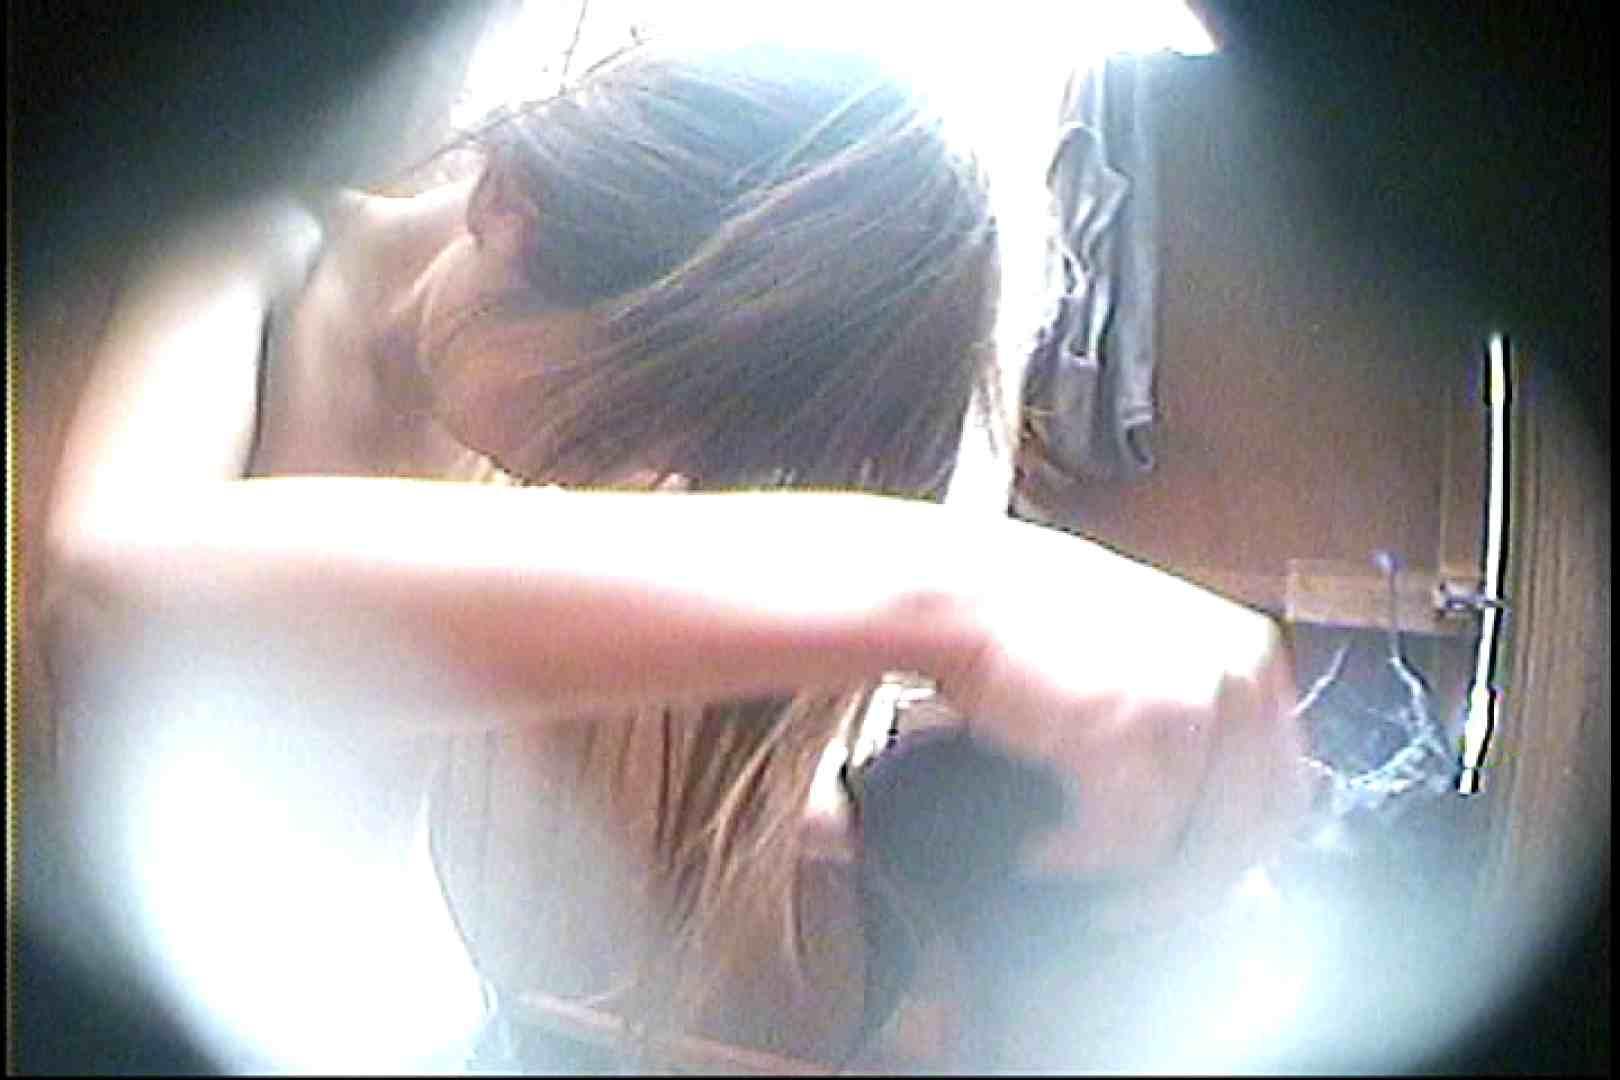 海の家の更衣室 Vol.27 美女 オメコ動画キャプチャ 70画像 32